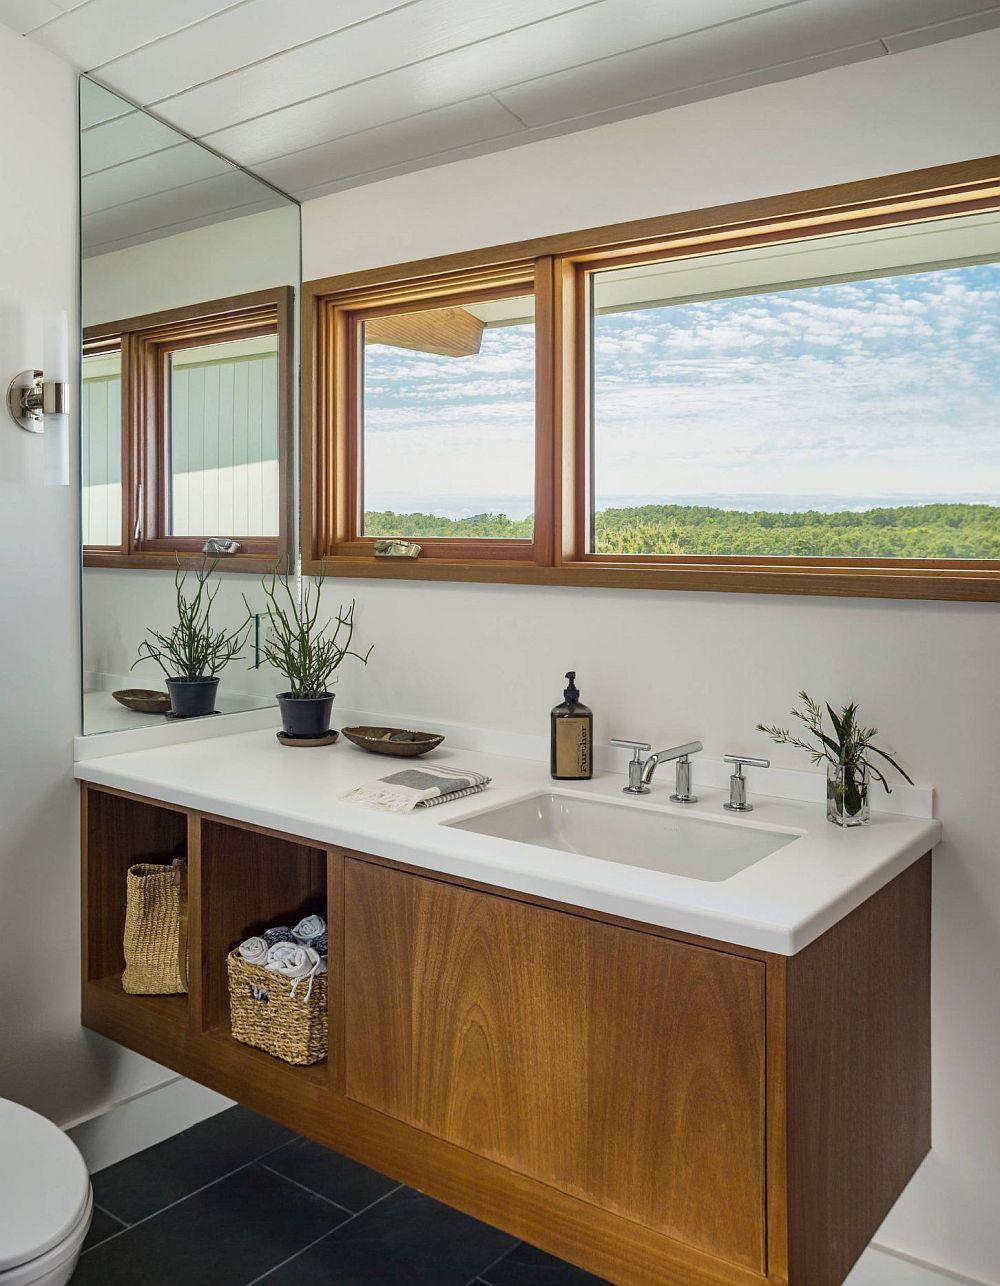 Ce faci când în baie simgura modalitate de a amplsa lavoarele este sub ferestre? Sacrifici ferestrele pentru oglindă? Nu! Poți pune oglinda în lateral. Oricum la un asemenea peisaj mai degrabă îți odihnești privirea admirând natura decât propriul chip.